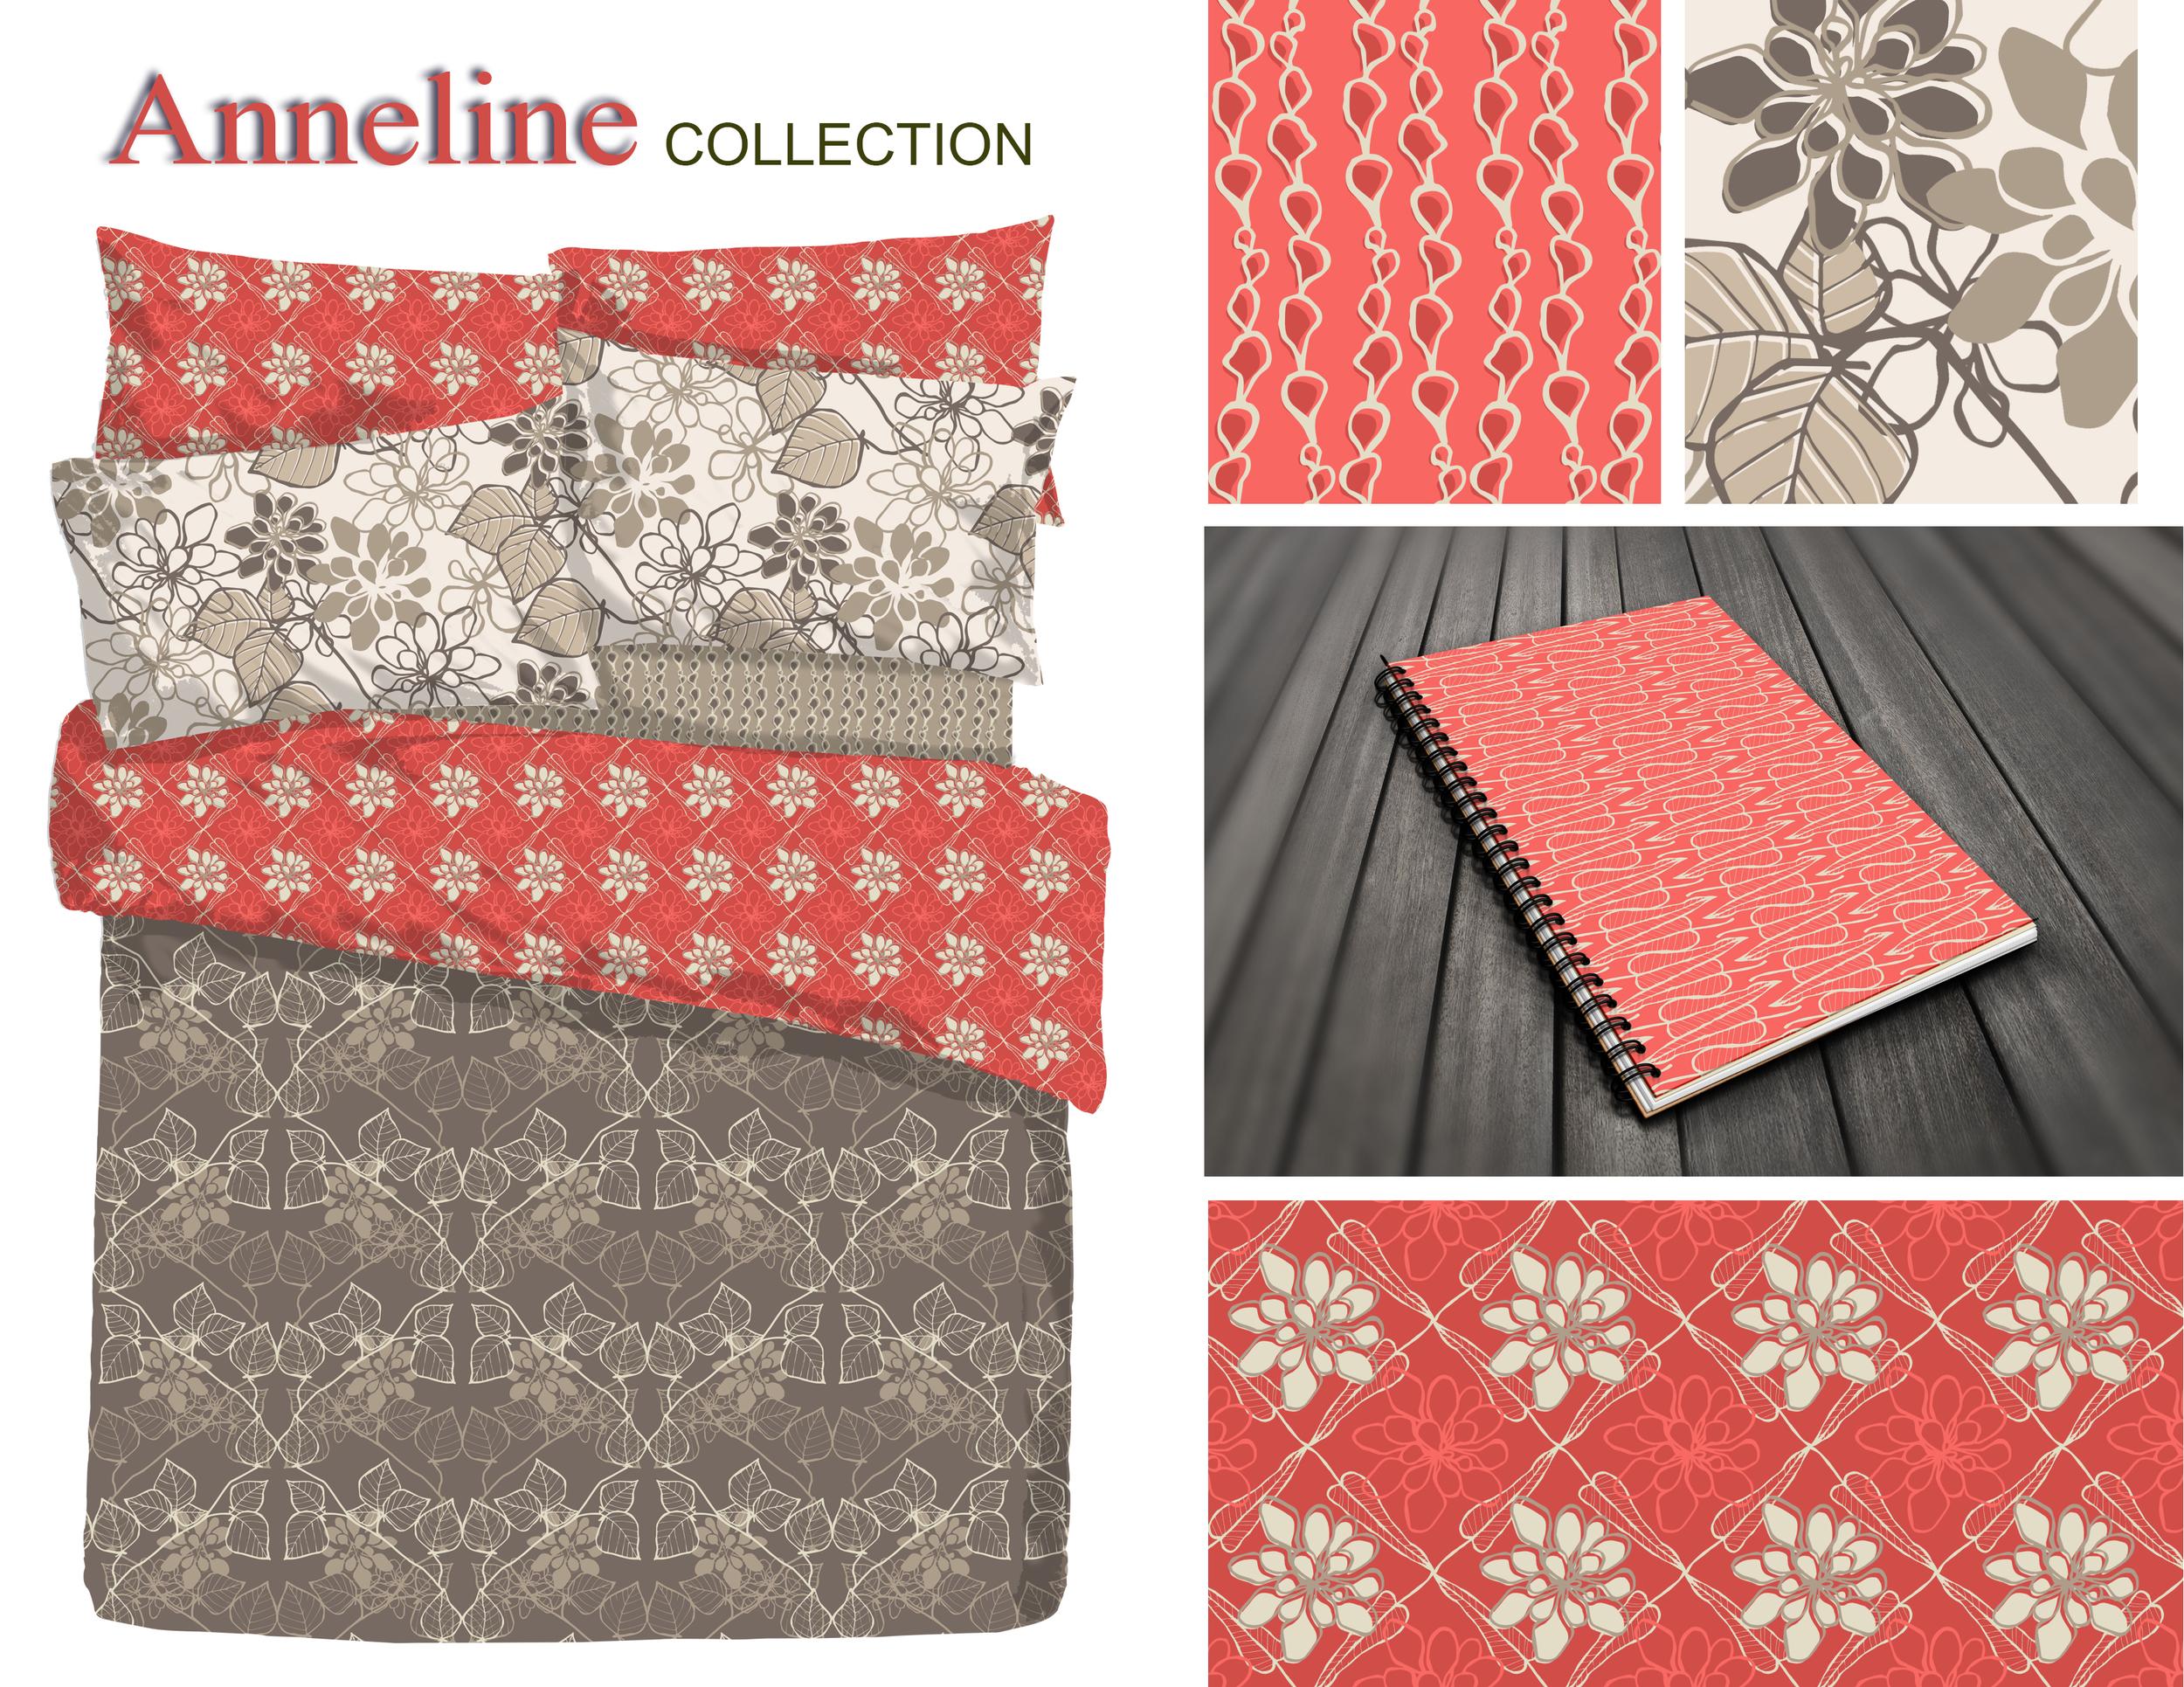 5 Anneline patterned mockups2.jpg